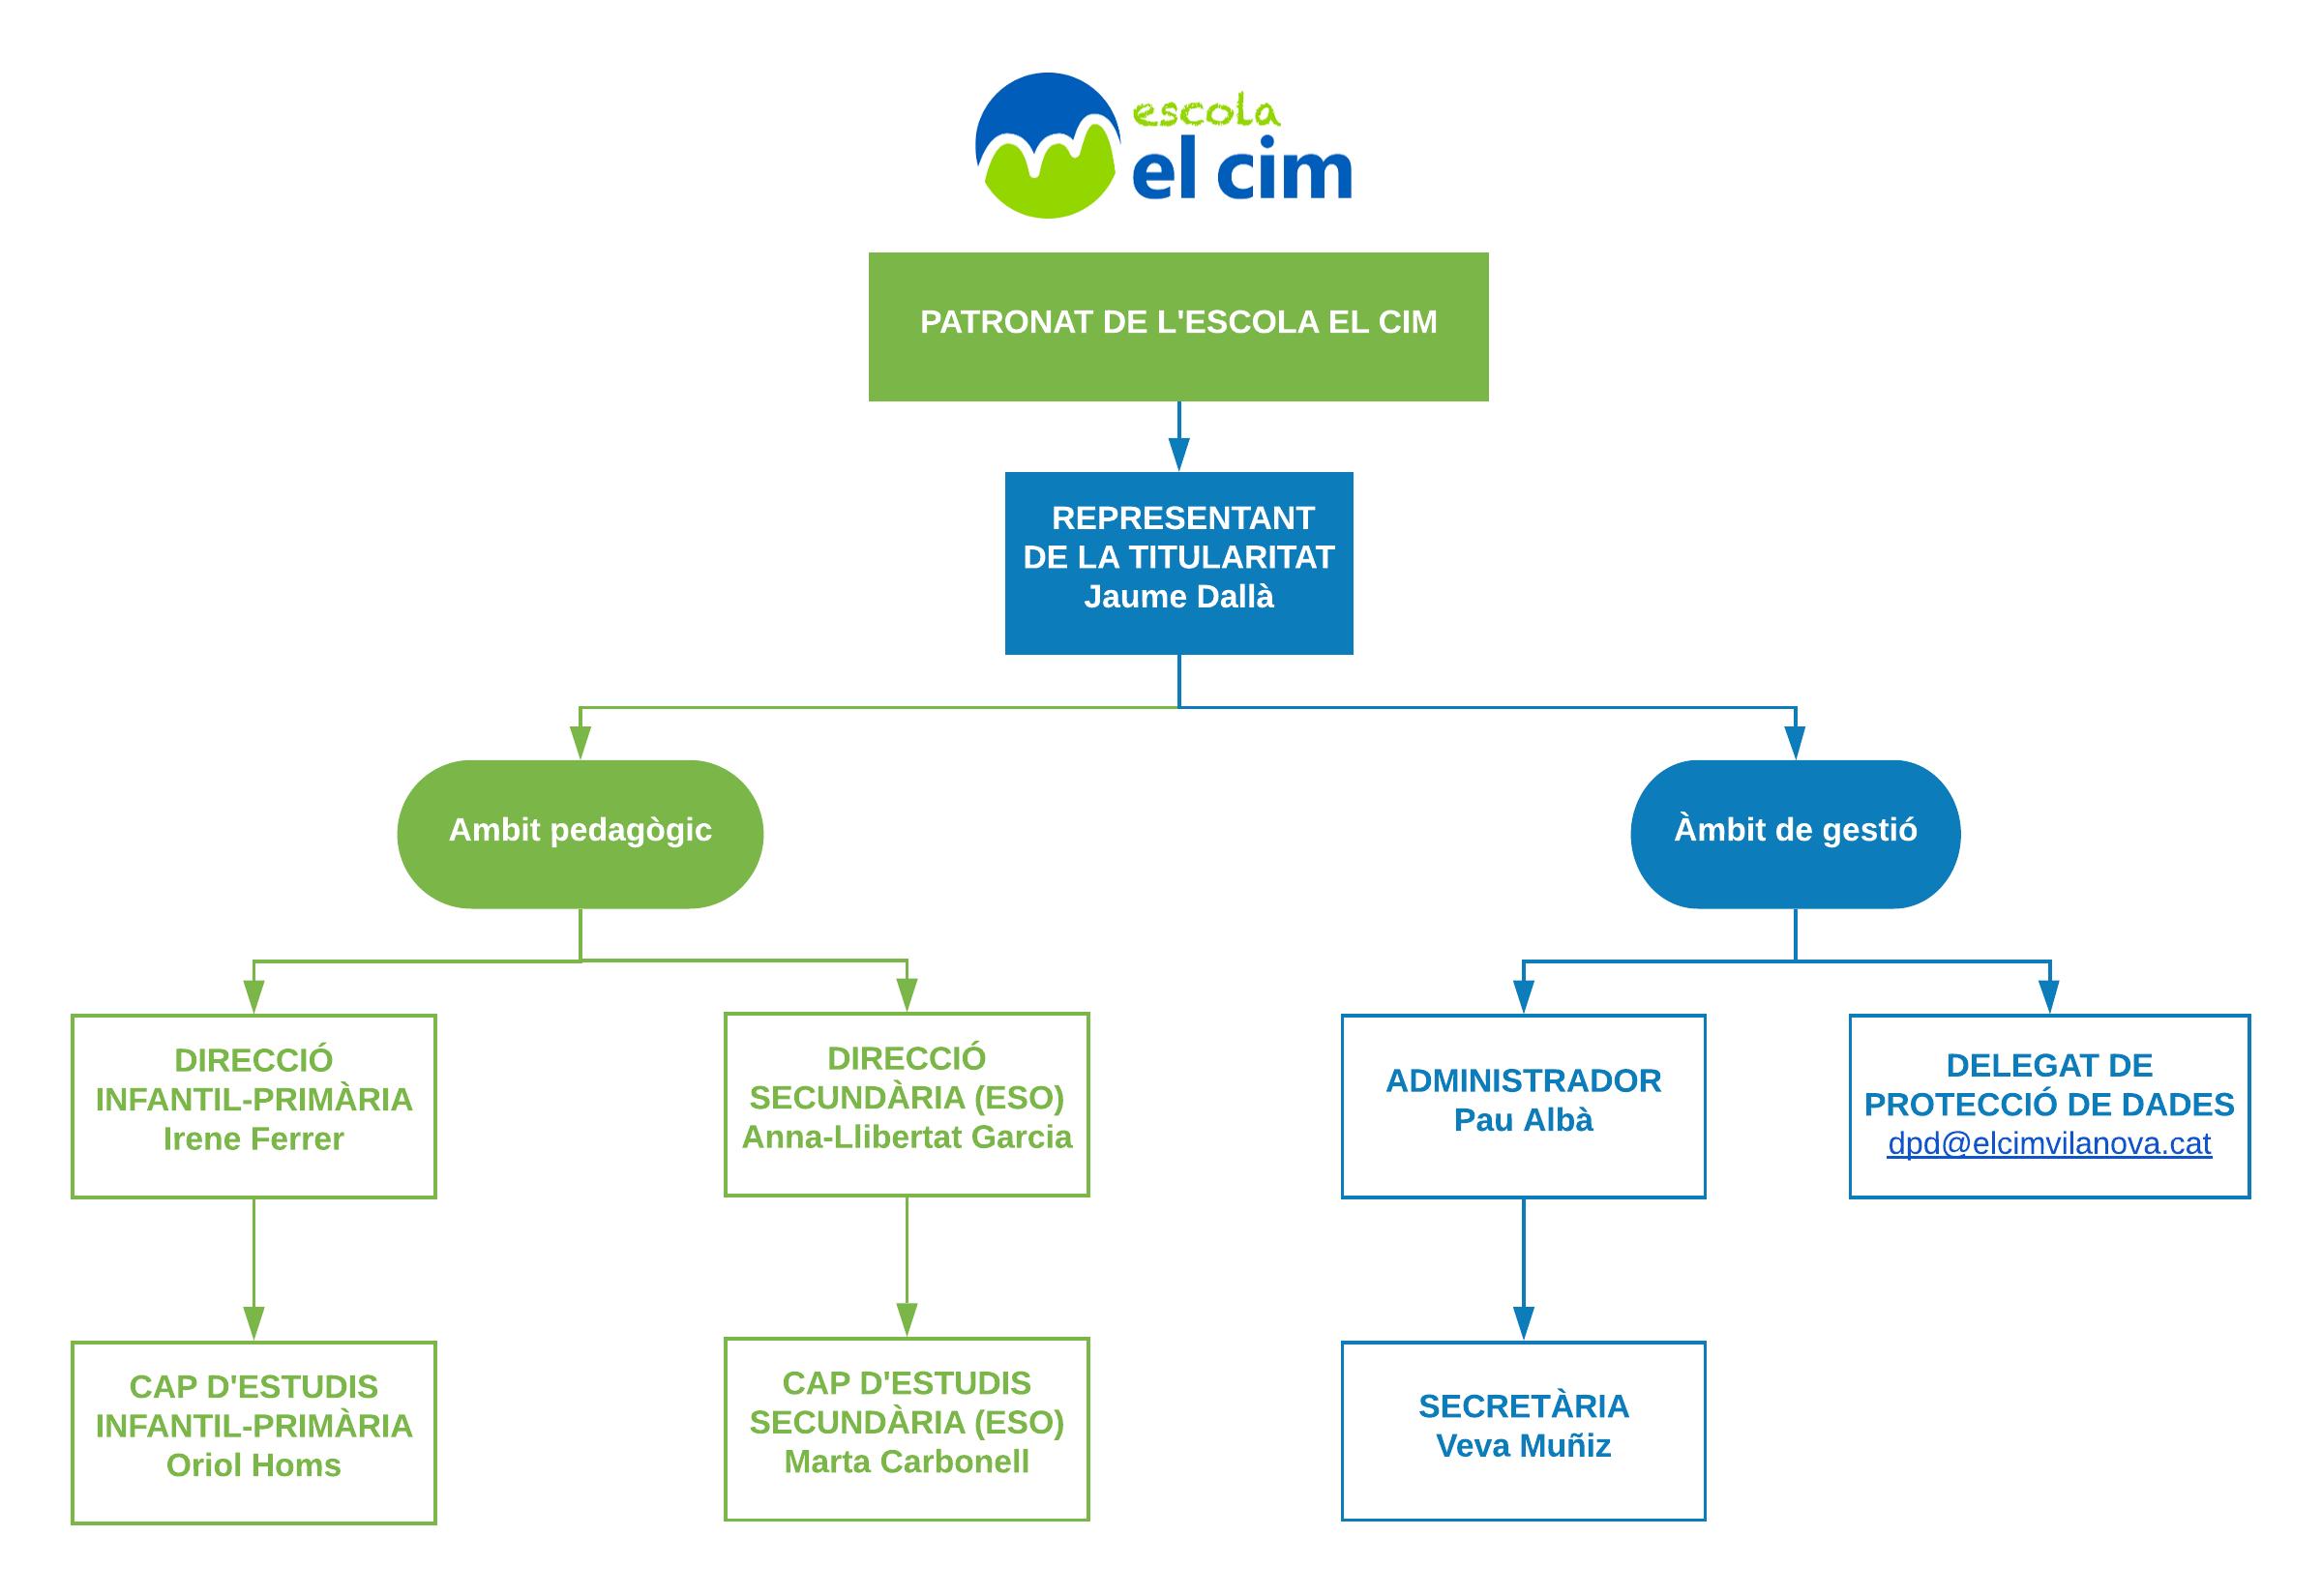 Organigrama El Cim 2019-20